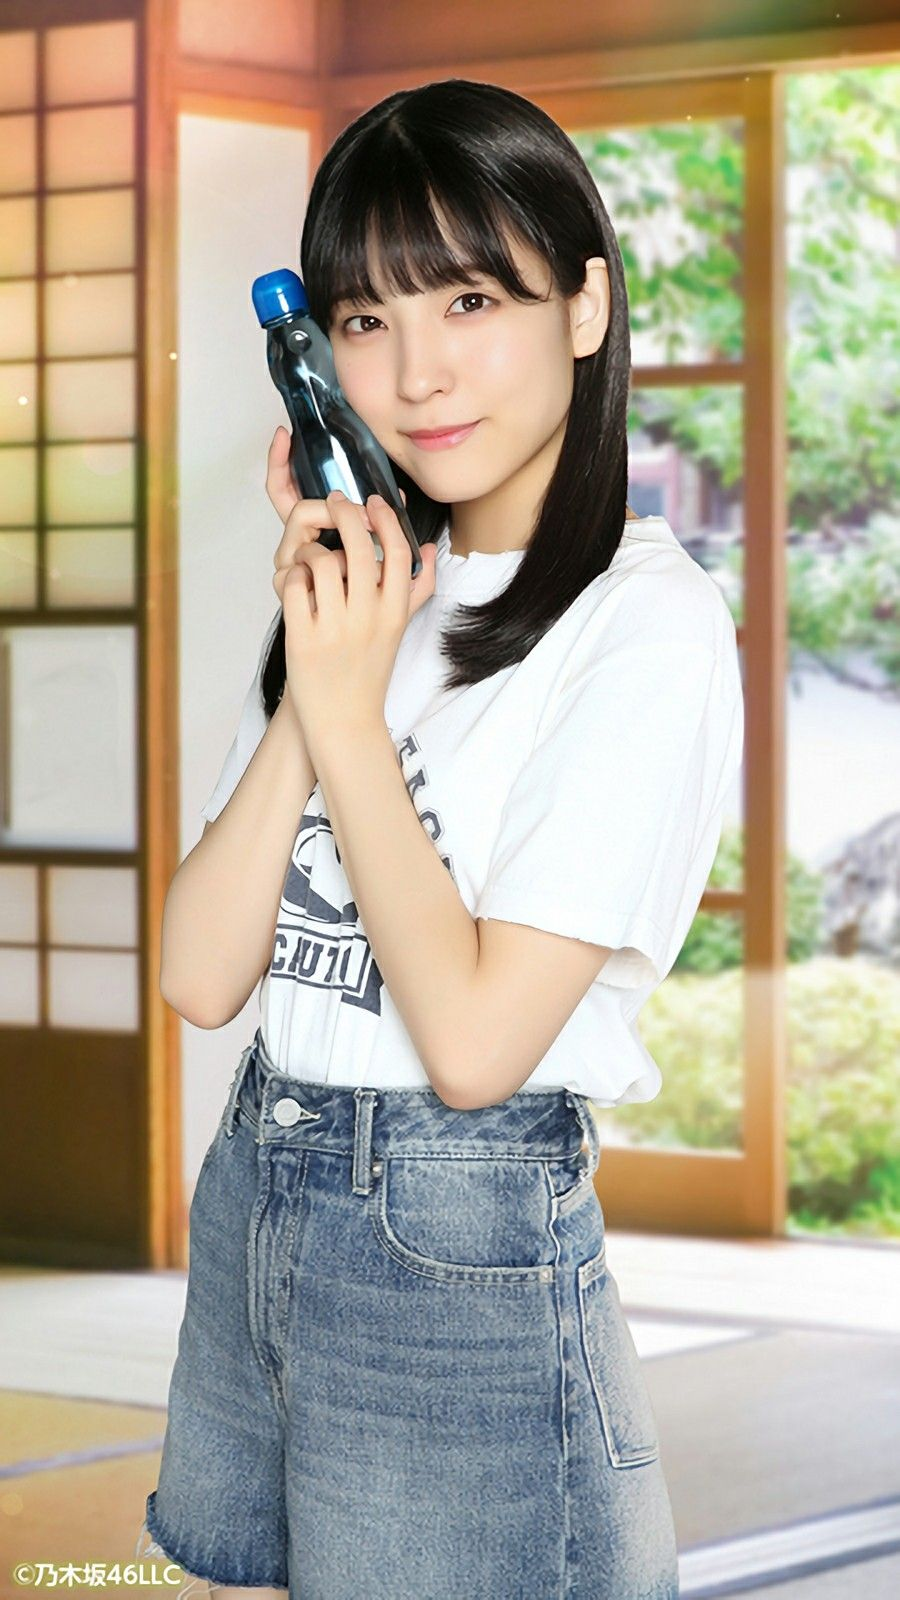 早川聖來 Seira Hayakawa おしゃれまとめの人気アイデア Pinterest Cj Wang 女の子 可愛い女の子 乃木坂 4期生